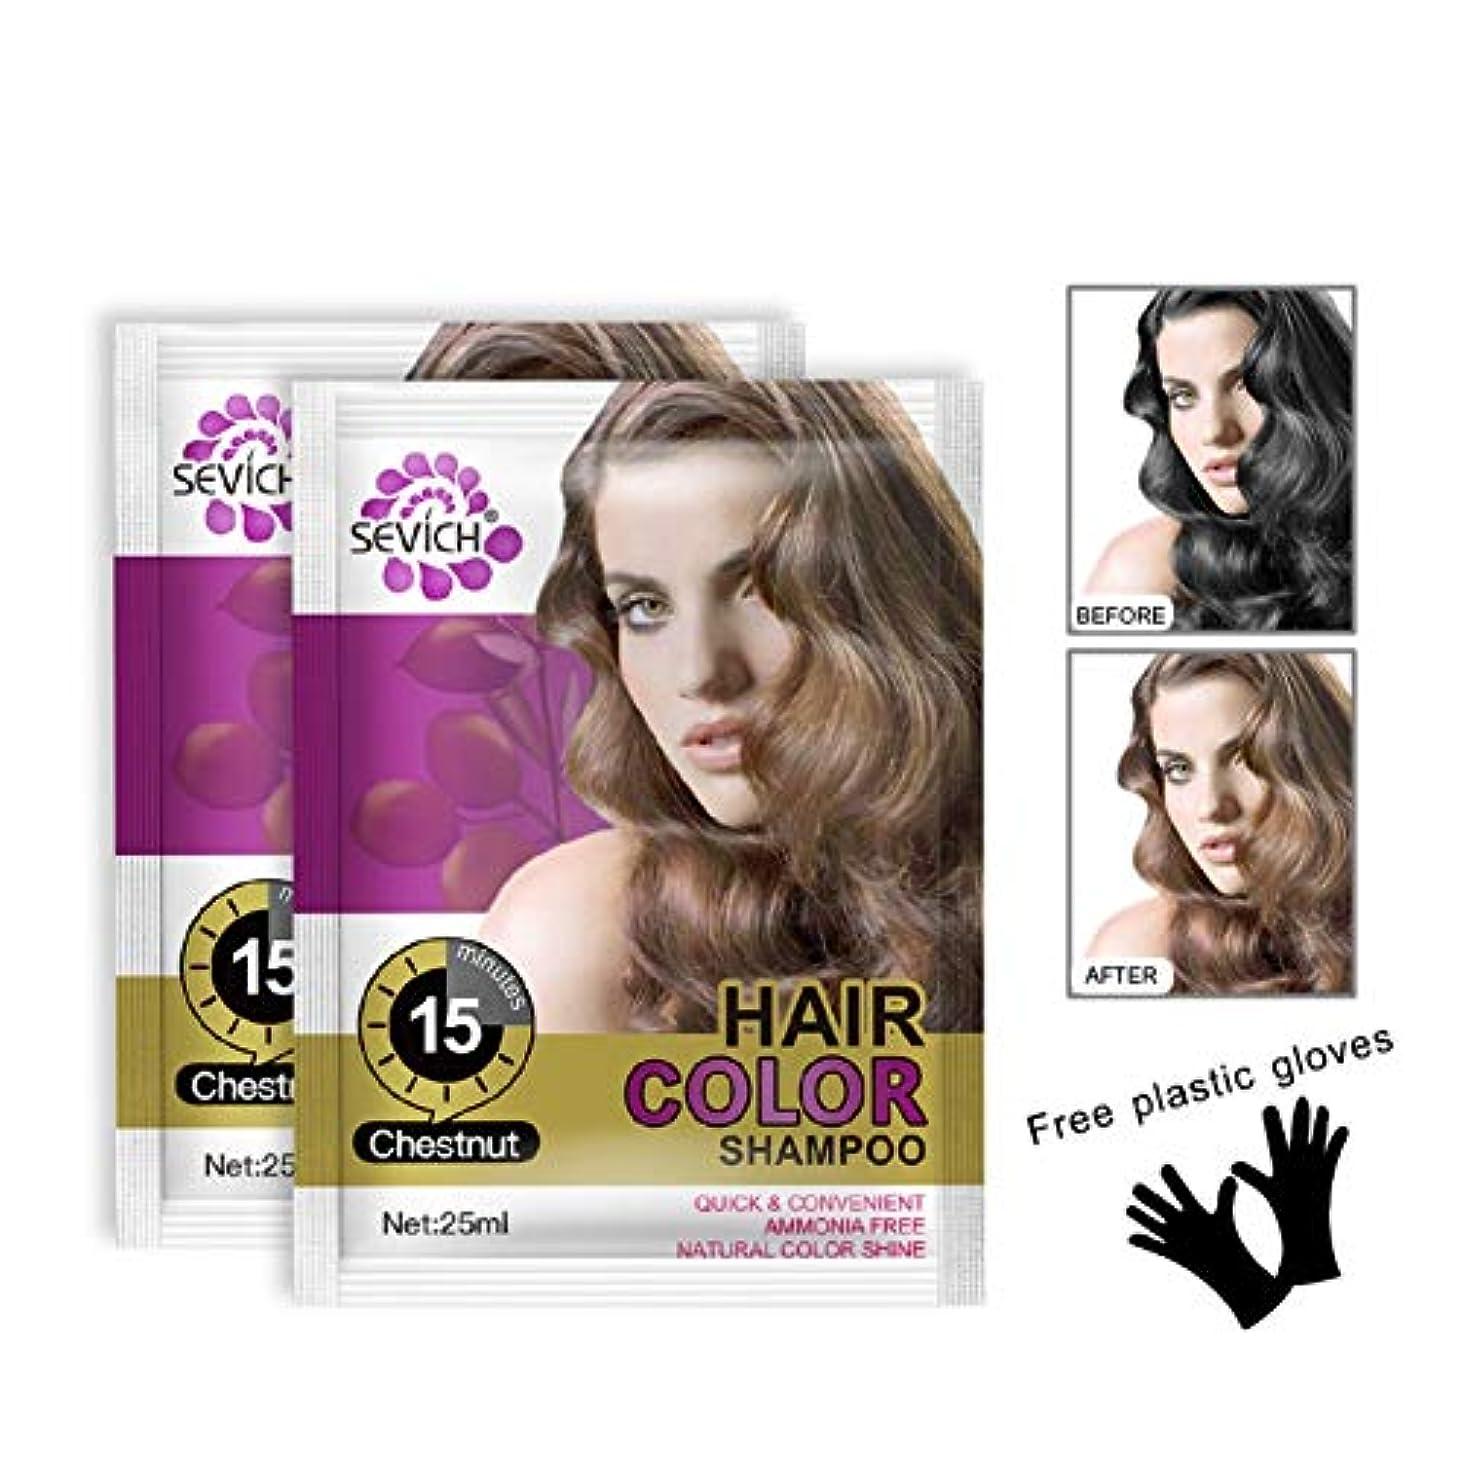 メキシコ有利説得ヘアカラー ヘア染め ヘアカラースタイリング 髪の色のシャンプ ヘアシャンプー 純粋な植物 自然 刺激ない ヘアケア 10枚セット Cutelove